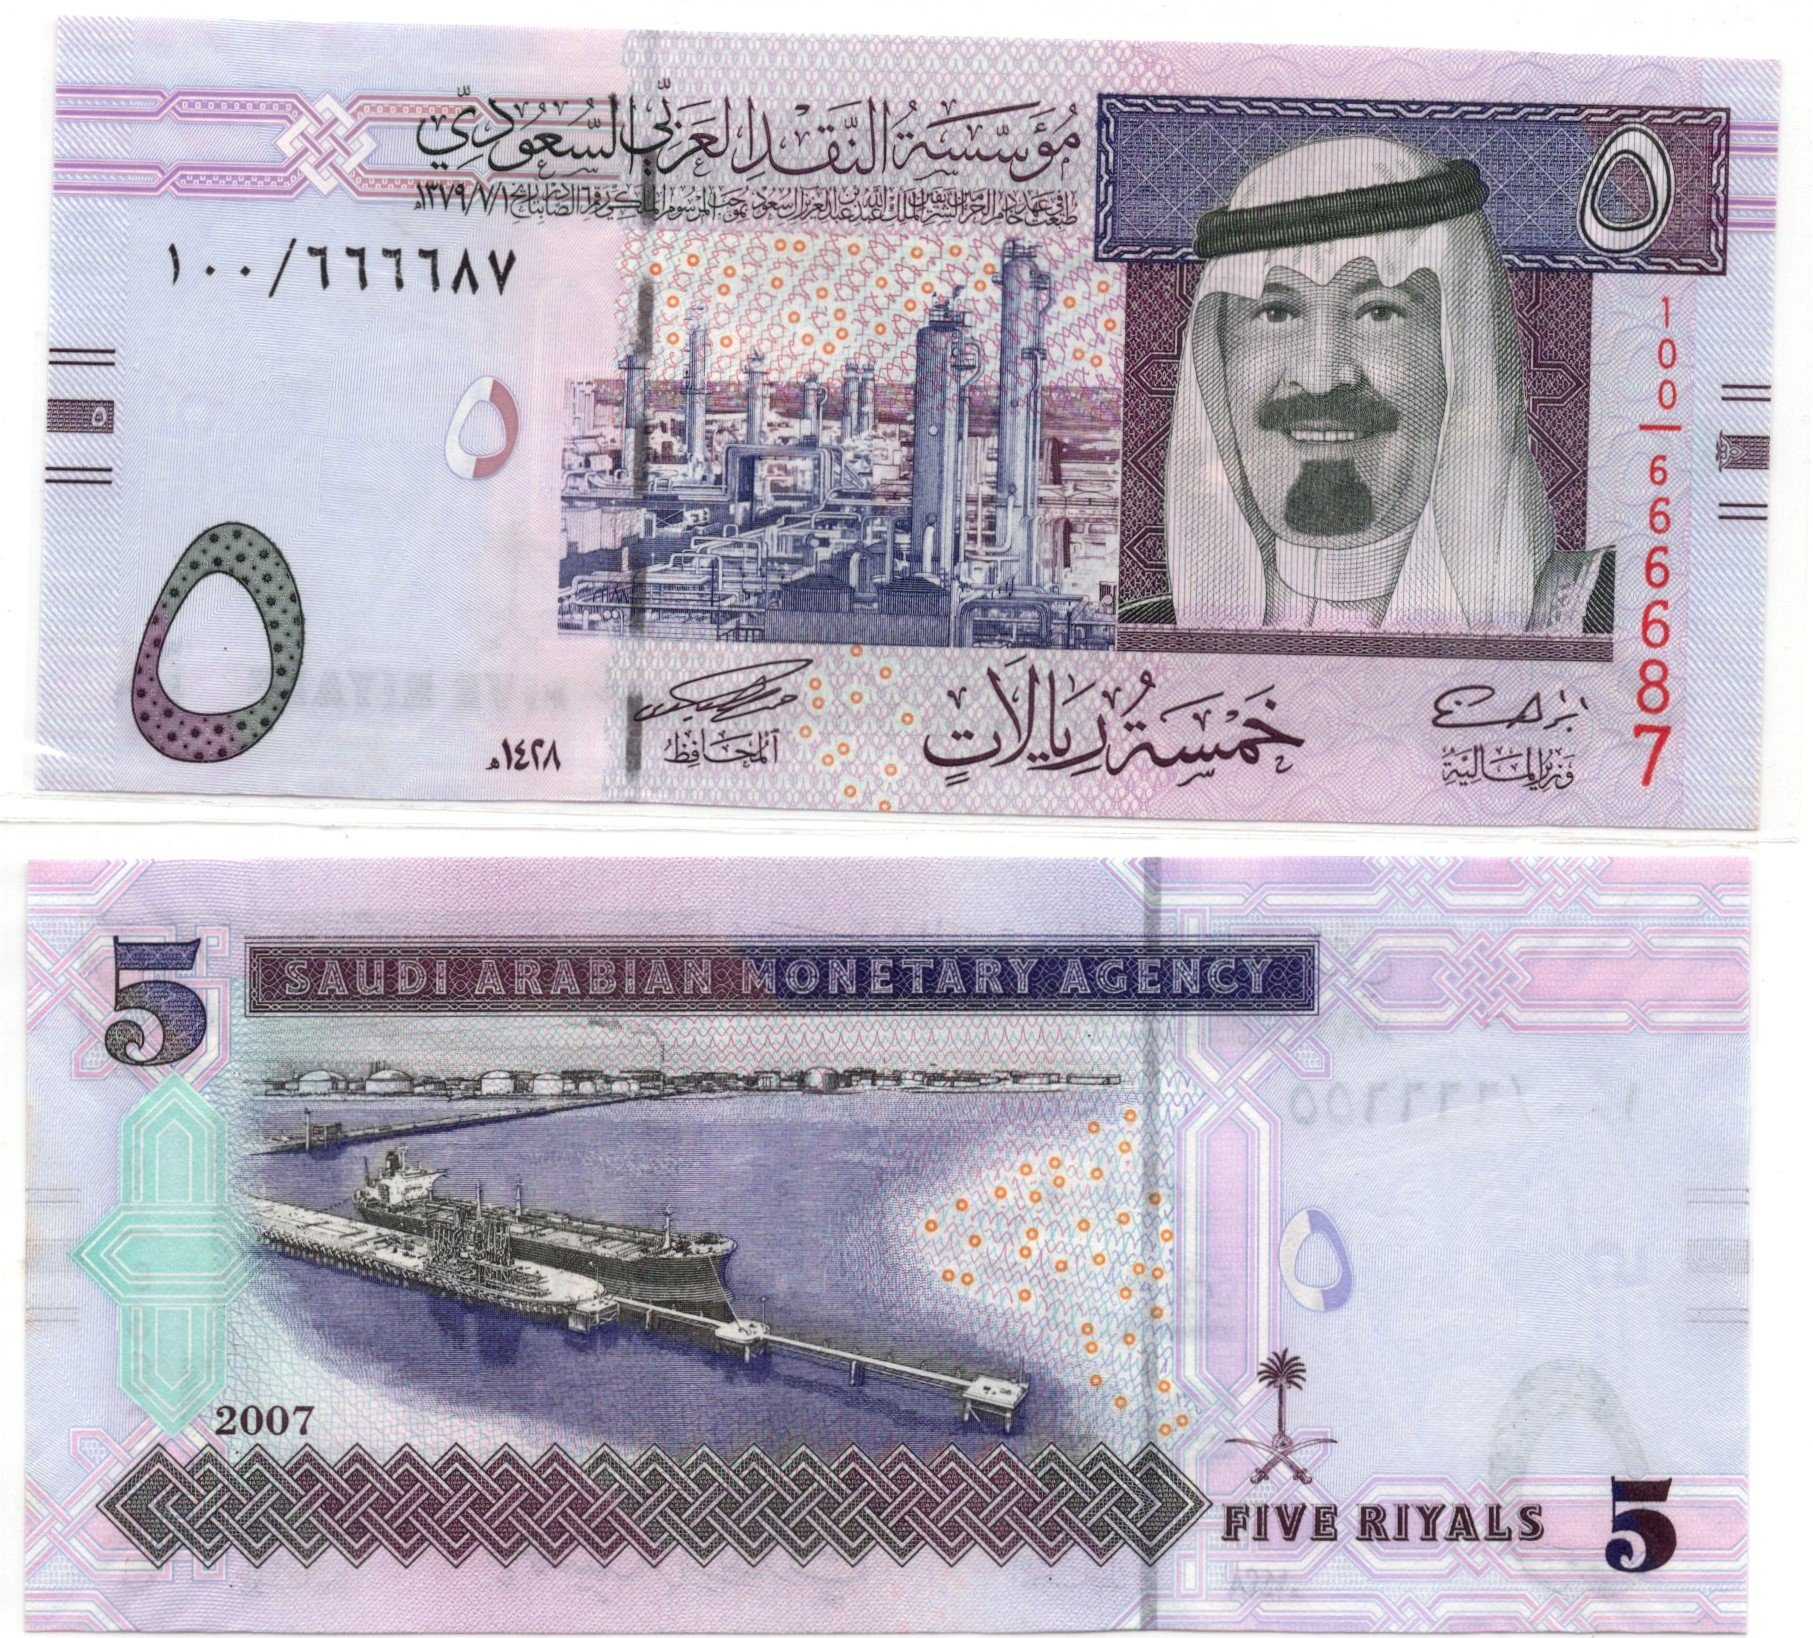 sausi arabia 5 riyal